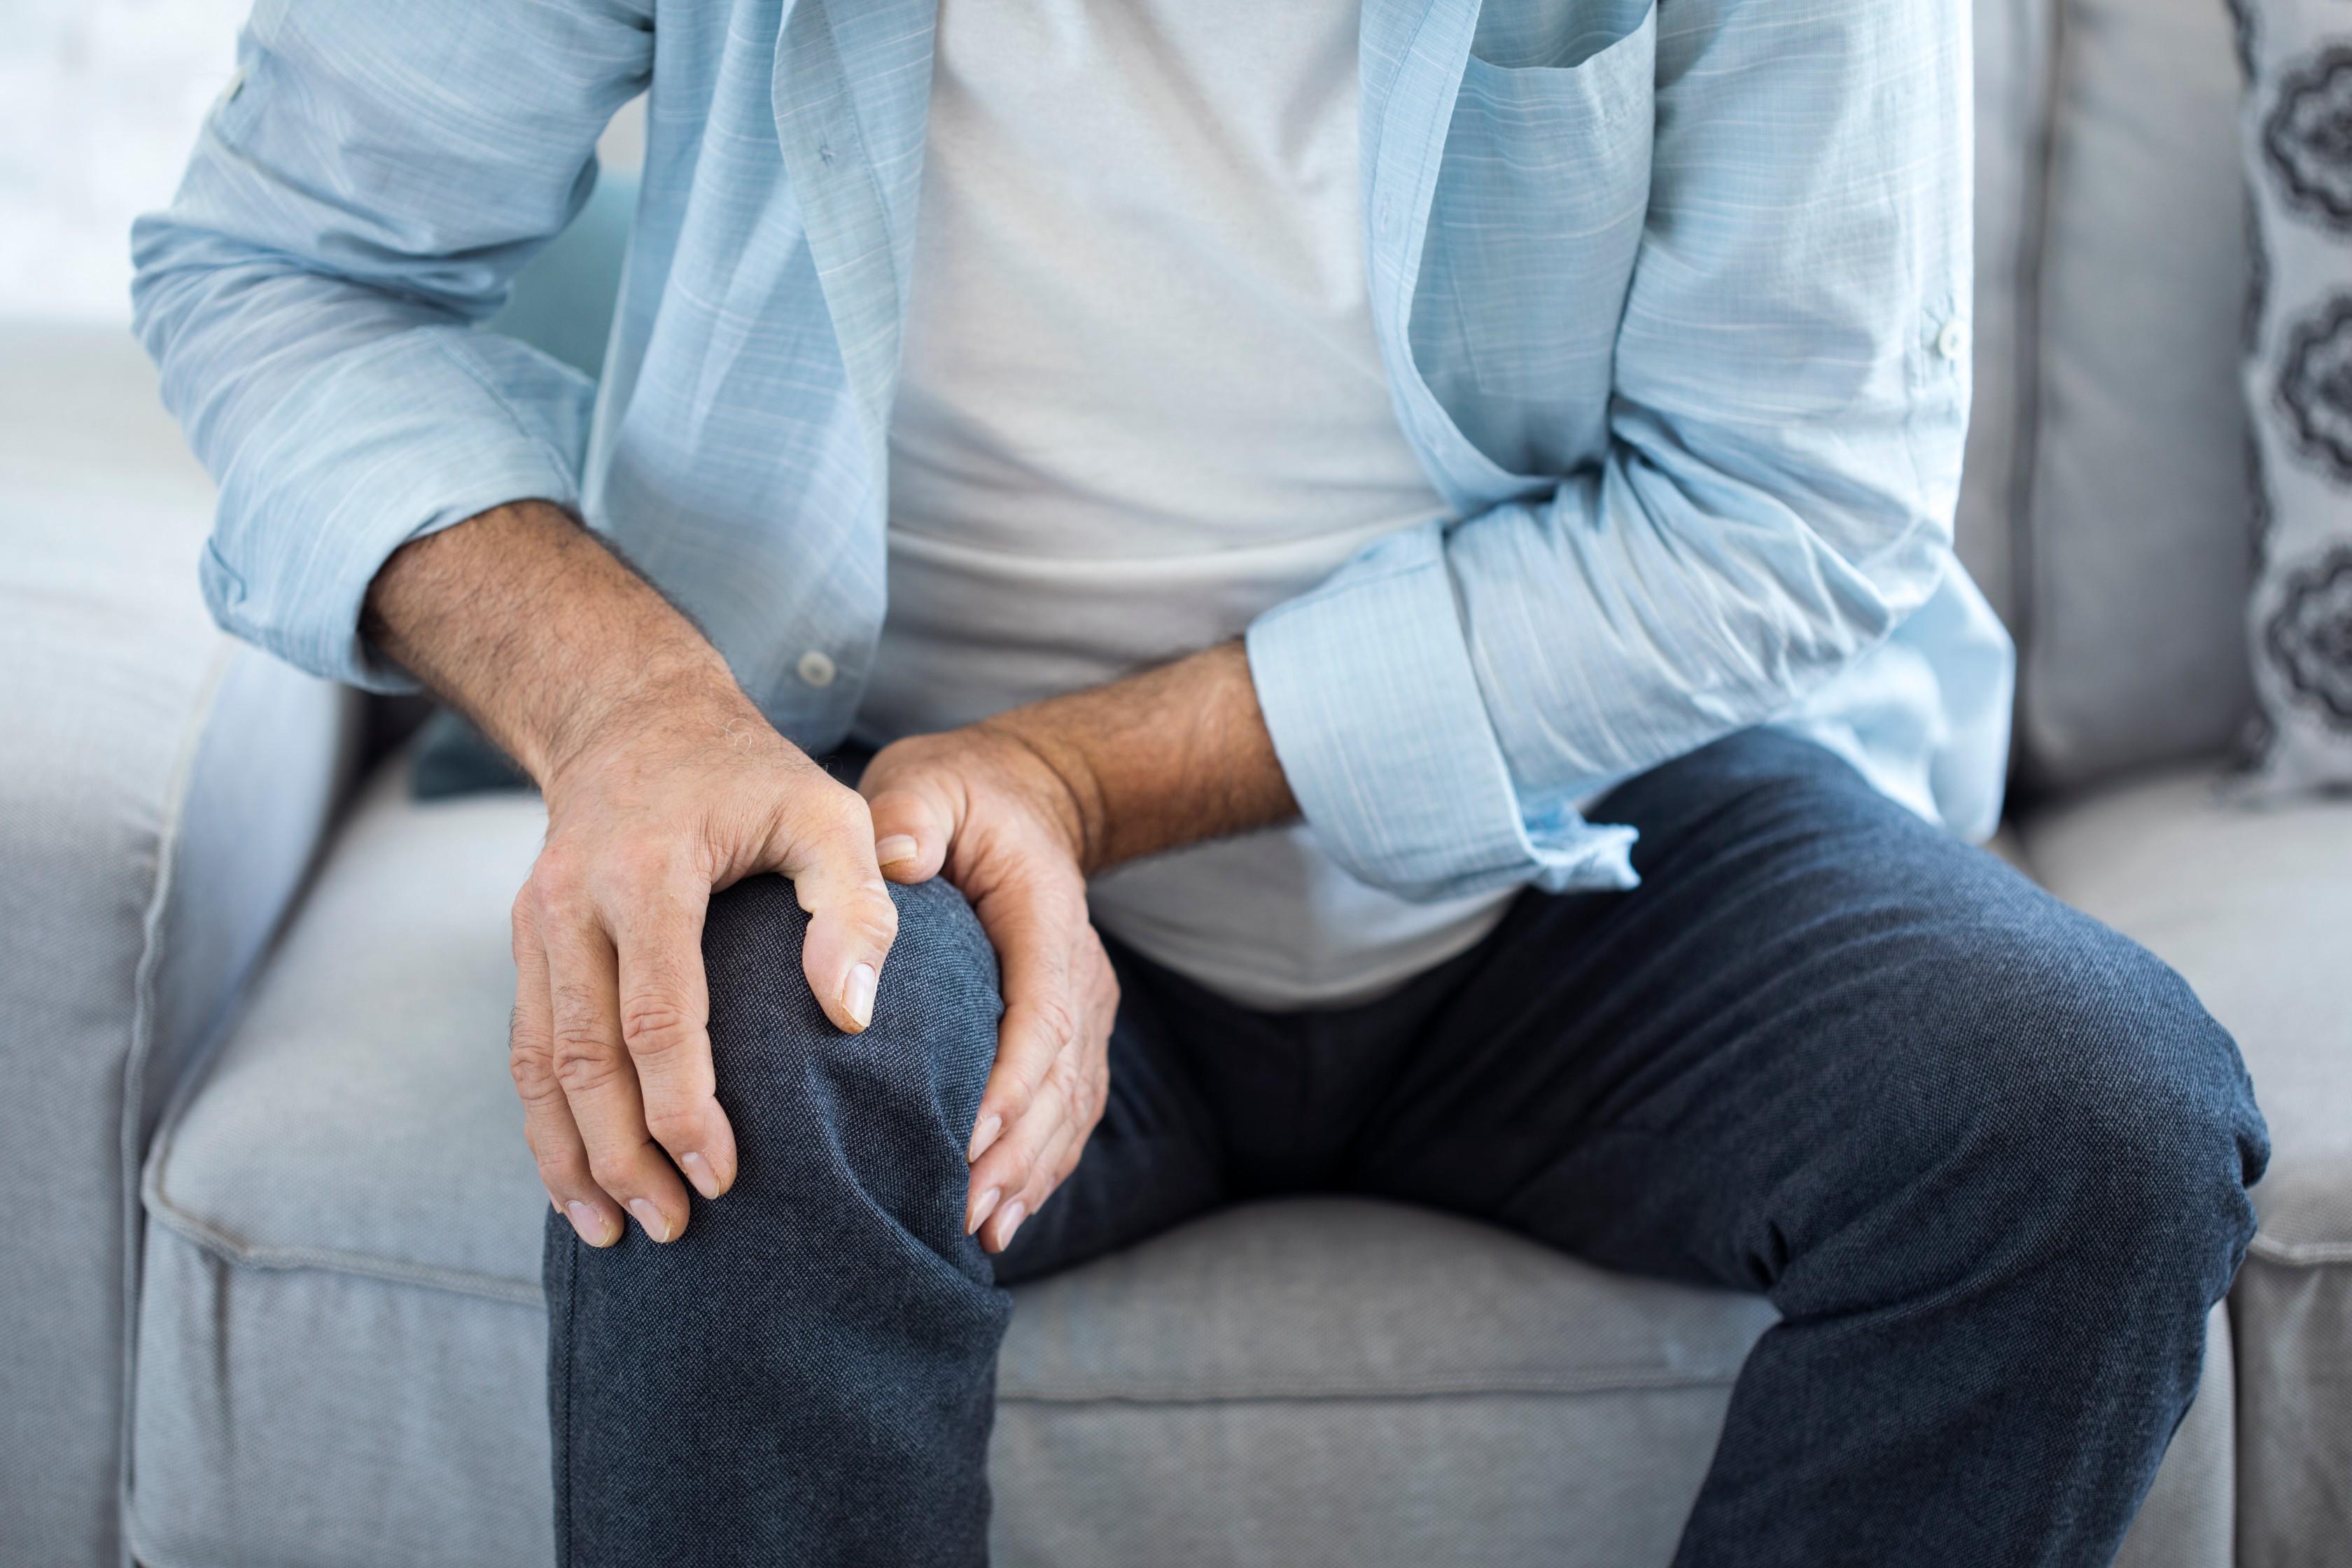 hogyan lehet gyógyítani az ízületeket a ropogásoktól és a fájdalmaktól